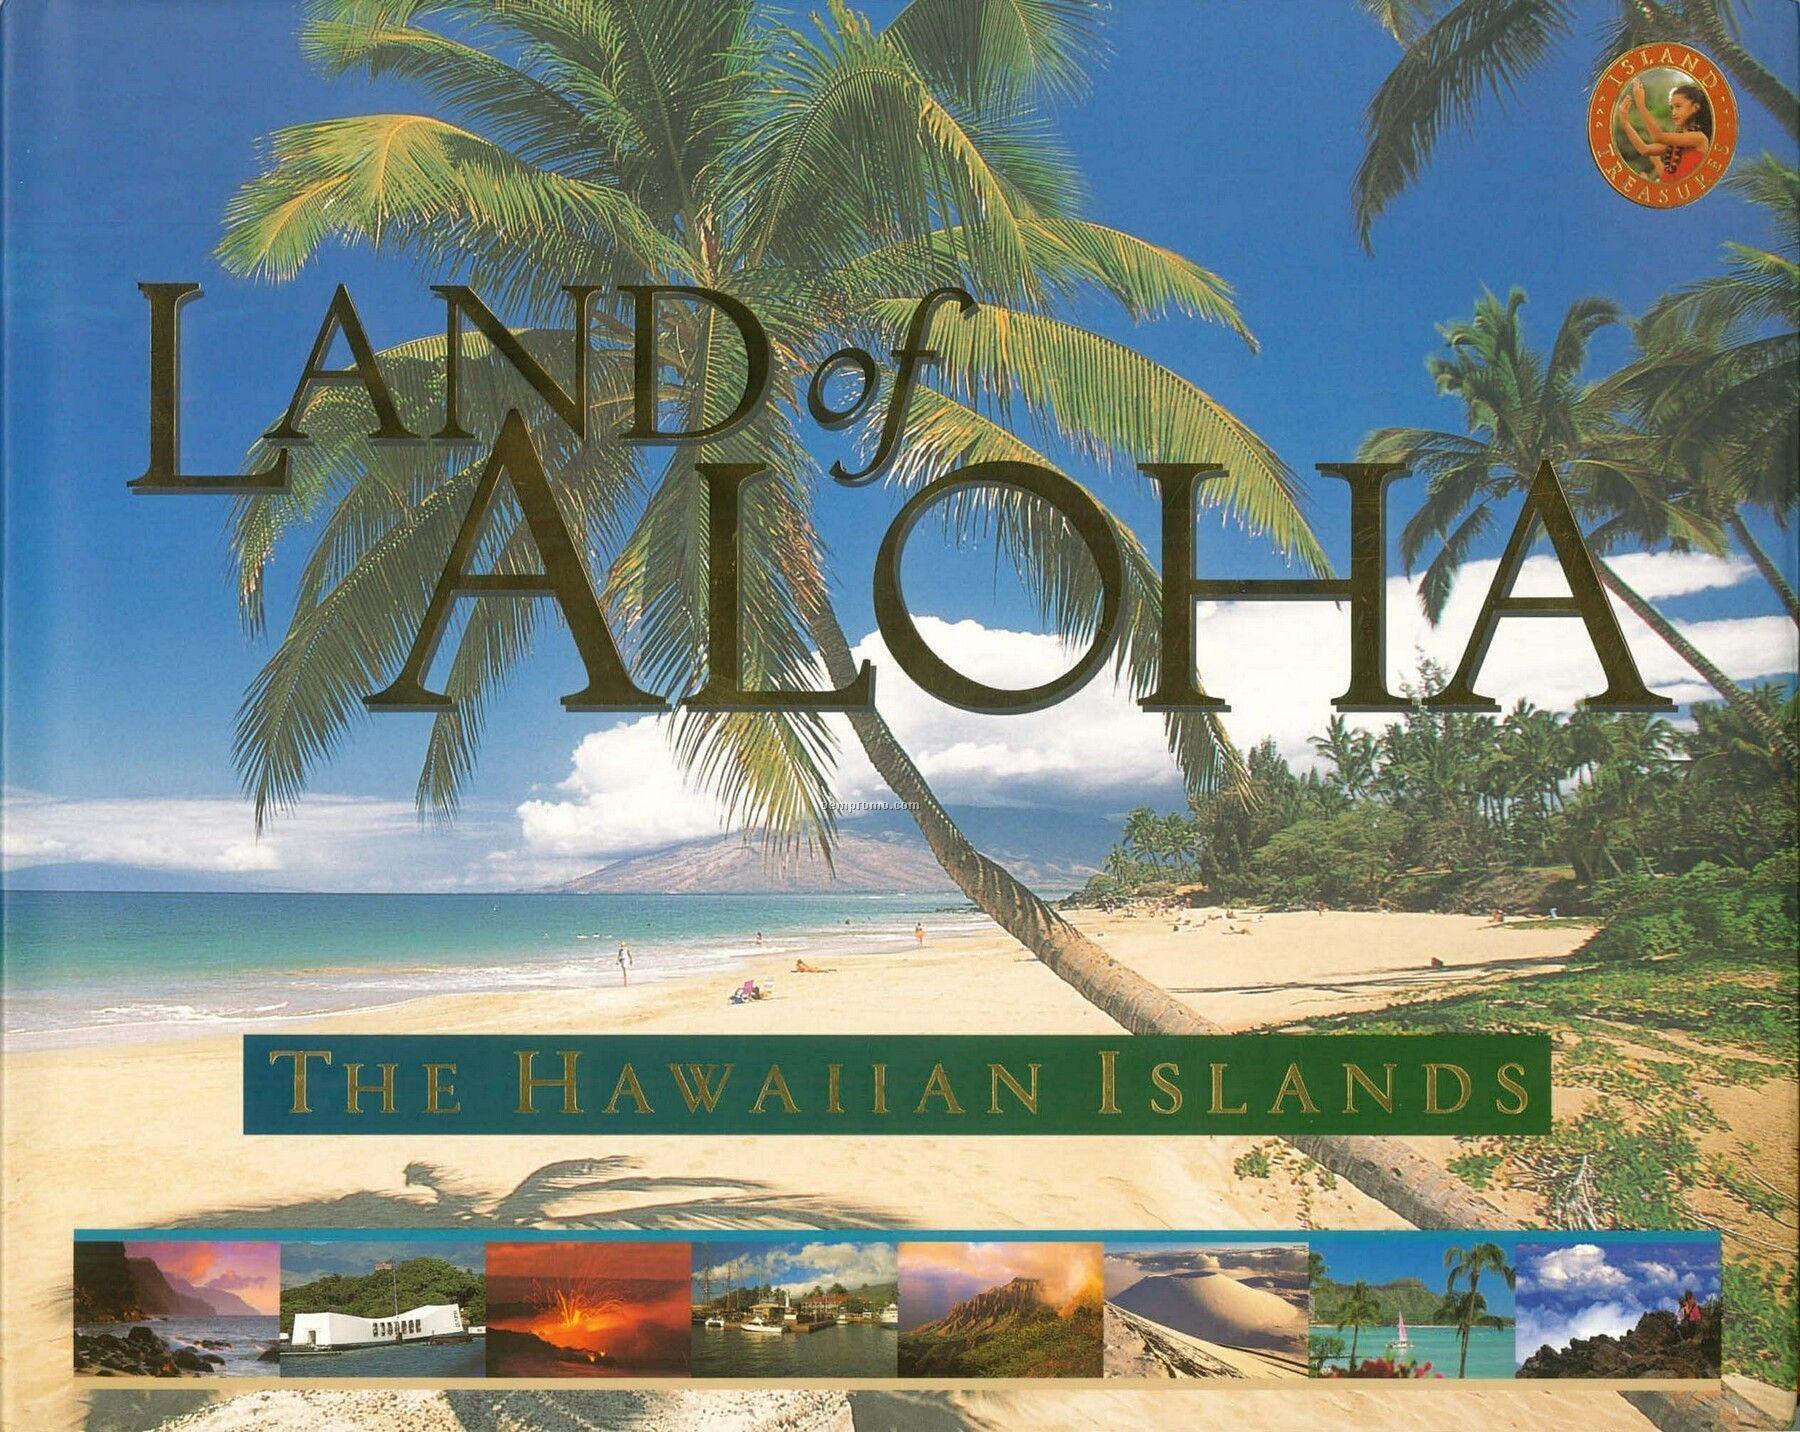 Hawaiian Island Series - Land Of Aloha